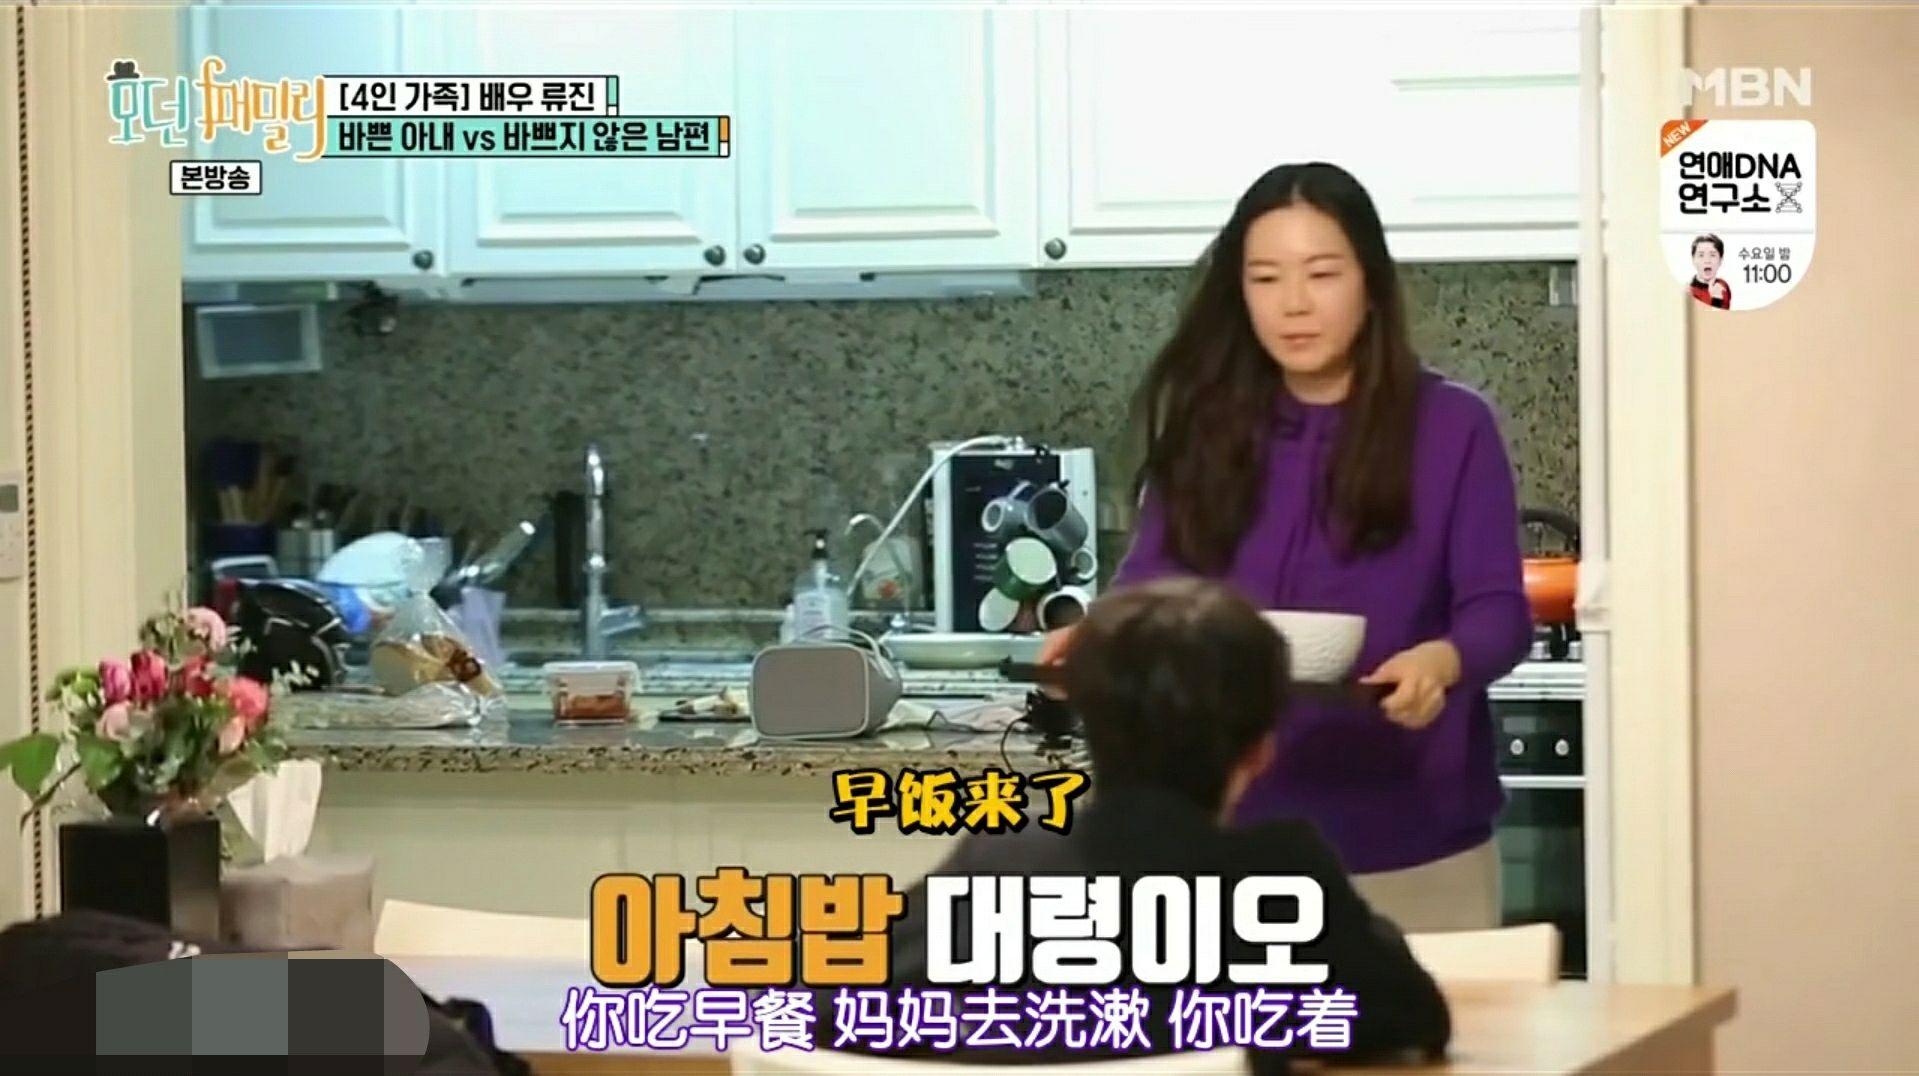 韩国男星在家很悠闲,全职妻子却一天到晚围着孩子转,失去自我!